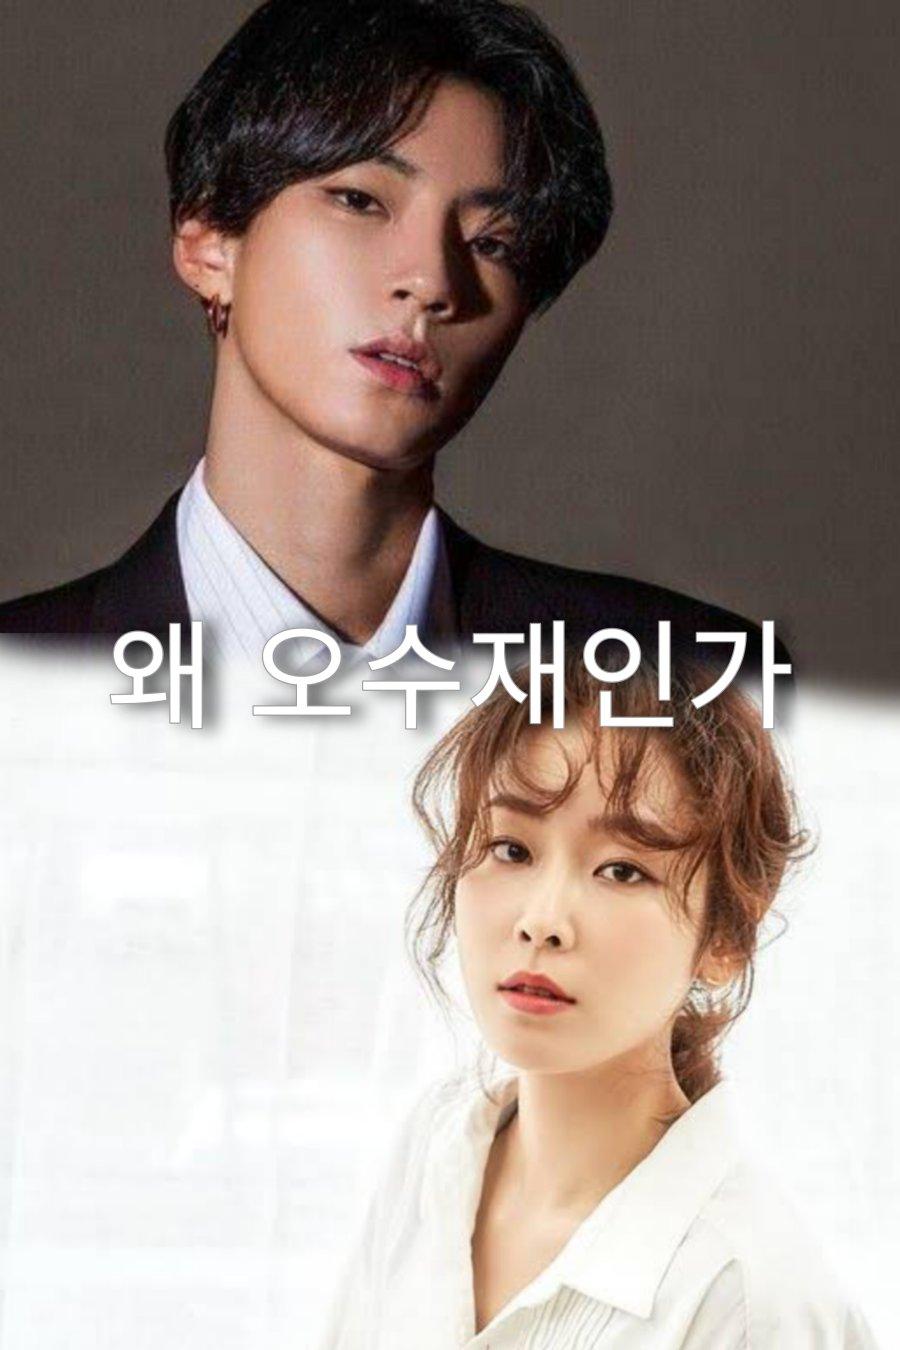 Tại Sao Lại Là Oh Soo Jae - Why Oh Soo Jae (2021)